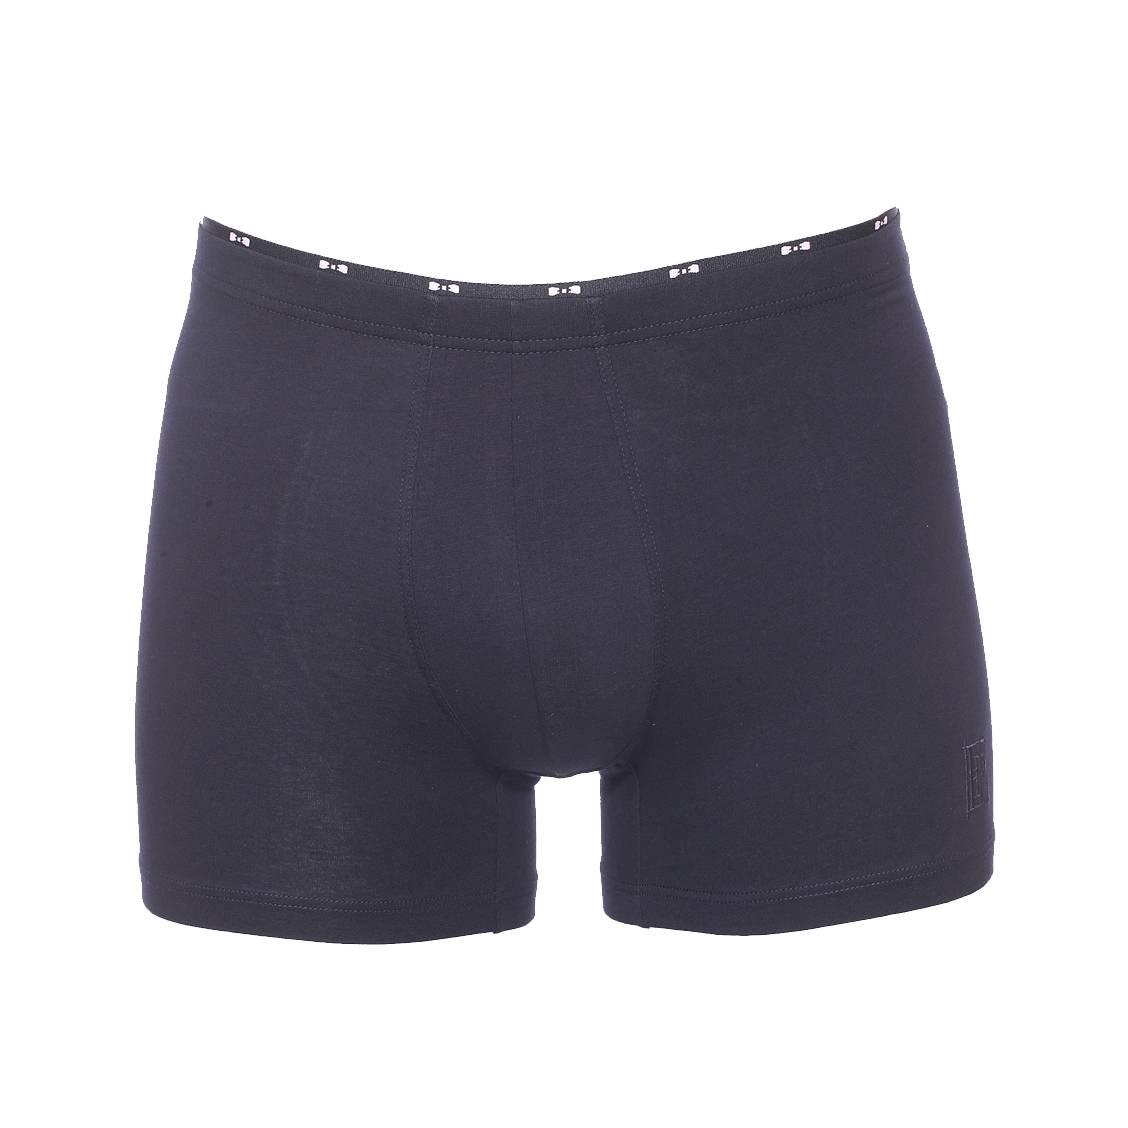 Boxer long  en coton stretch bleu marine, ceinture à petits noeuds